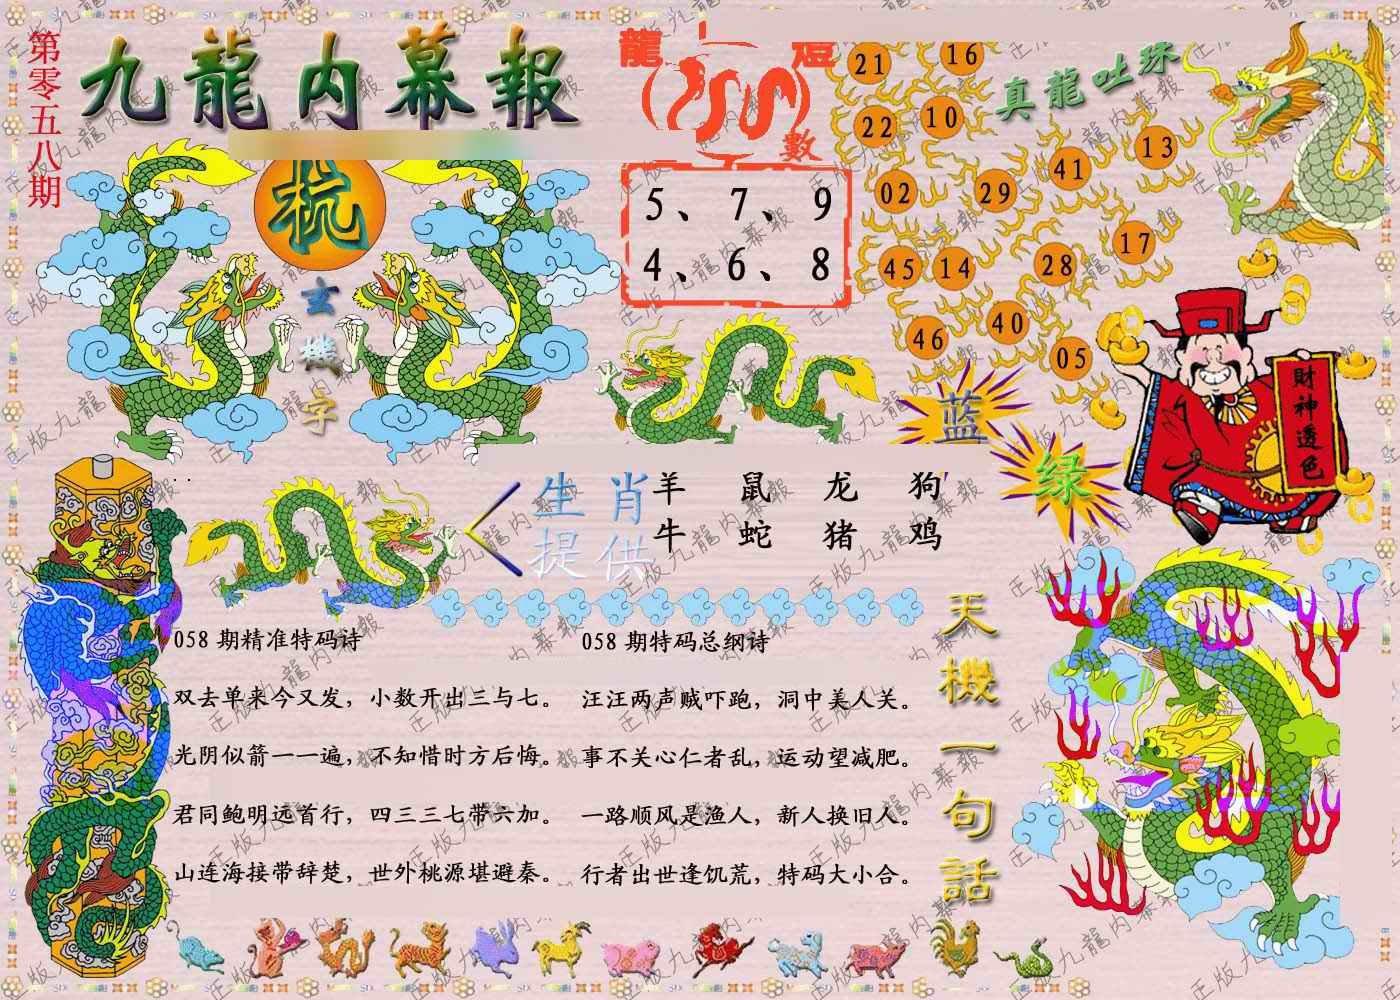 058期正版九龙内幕报